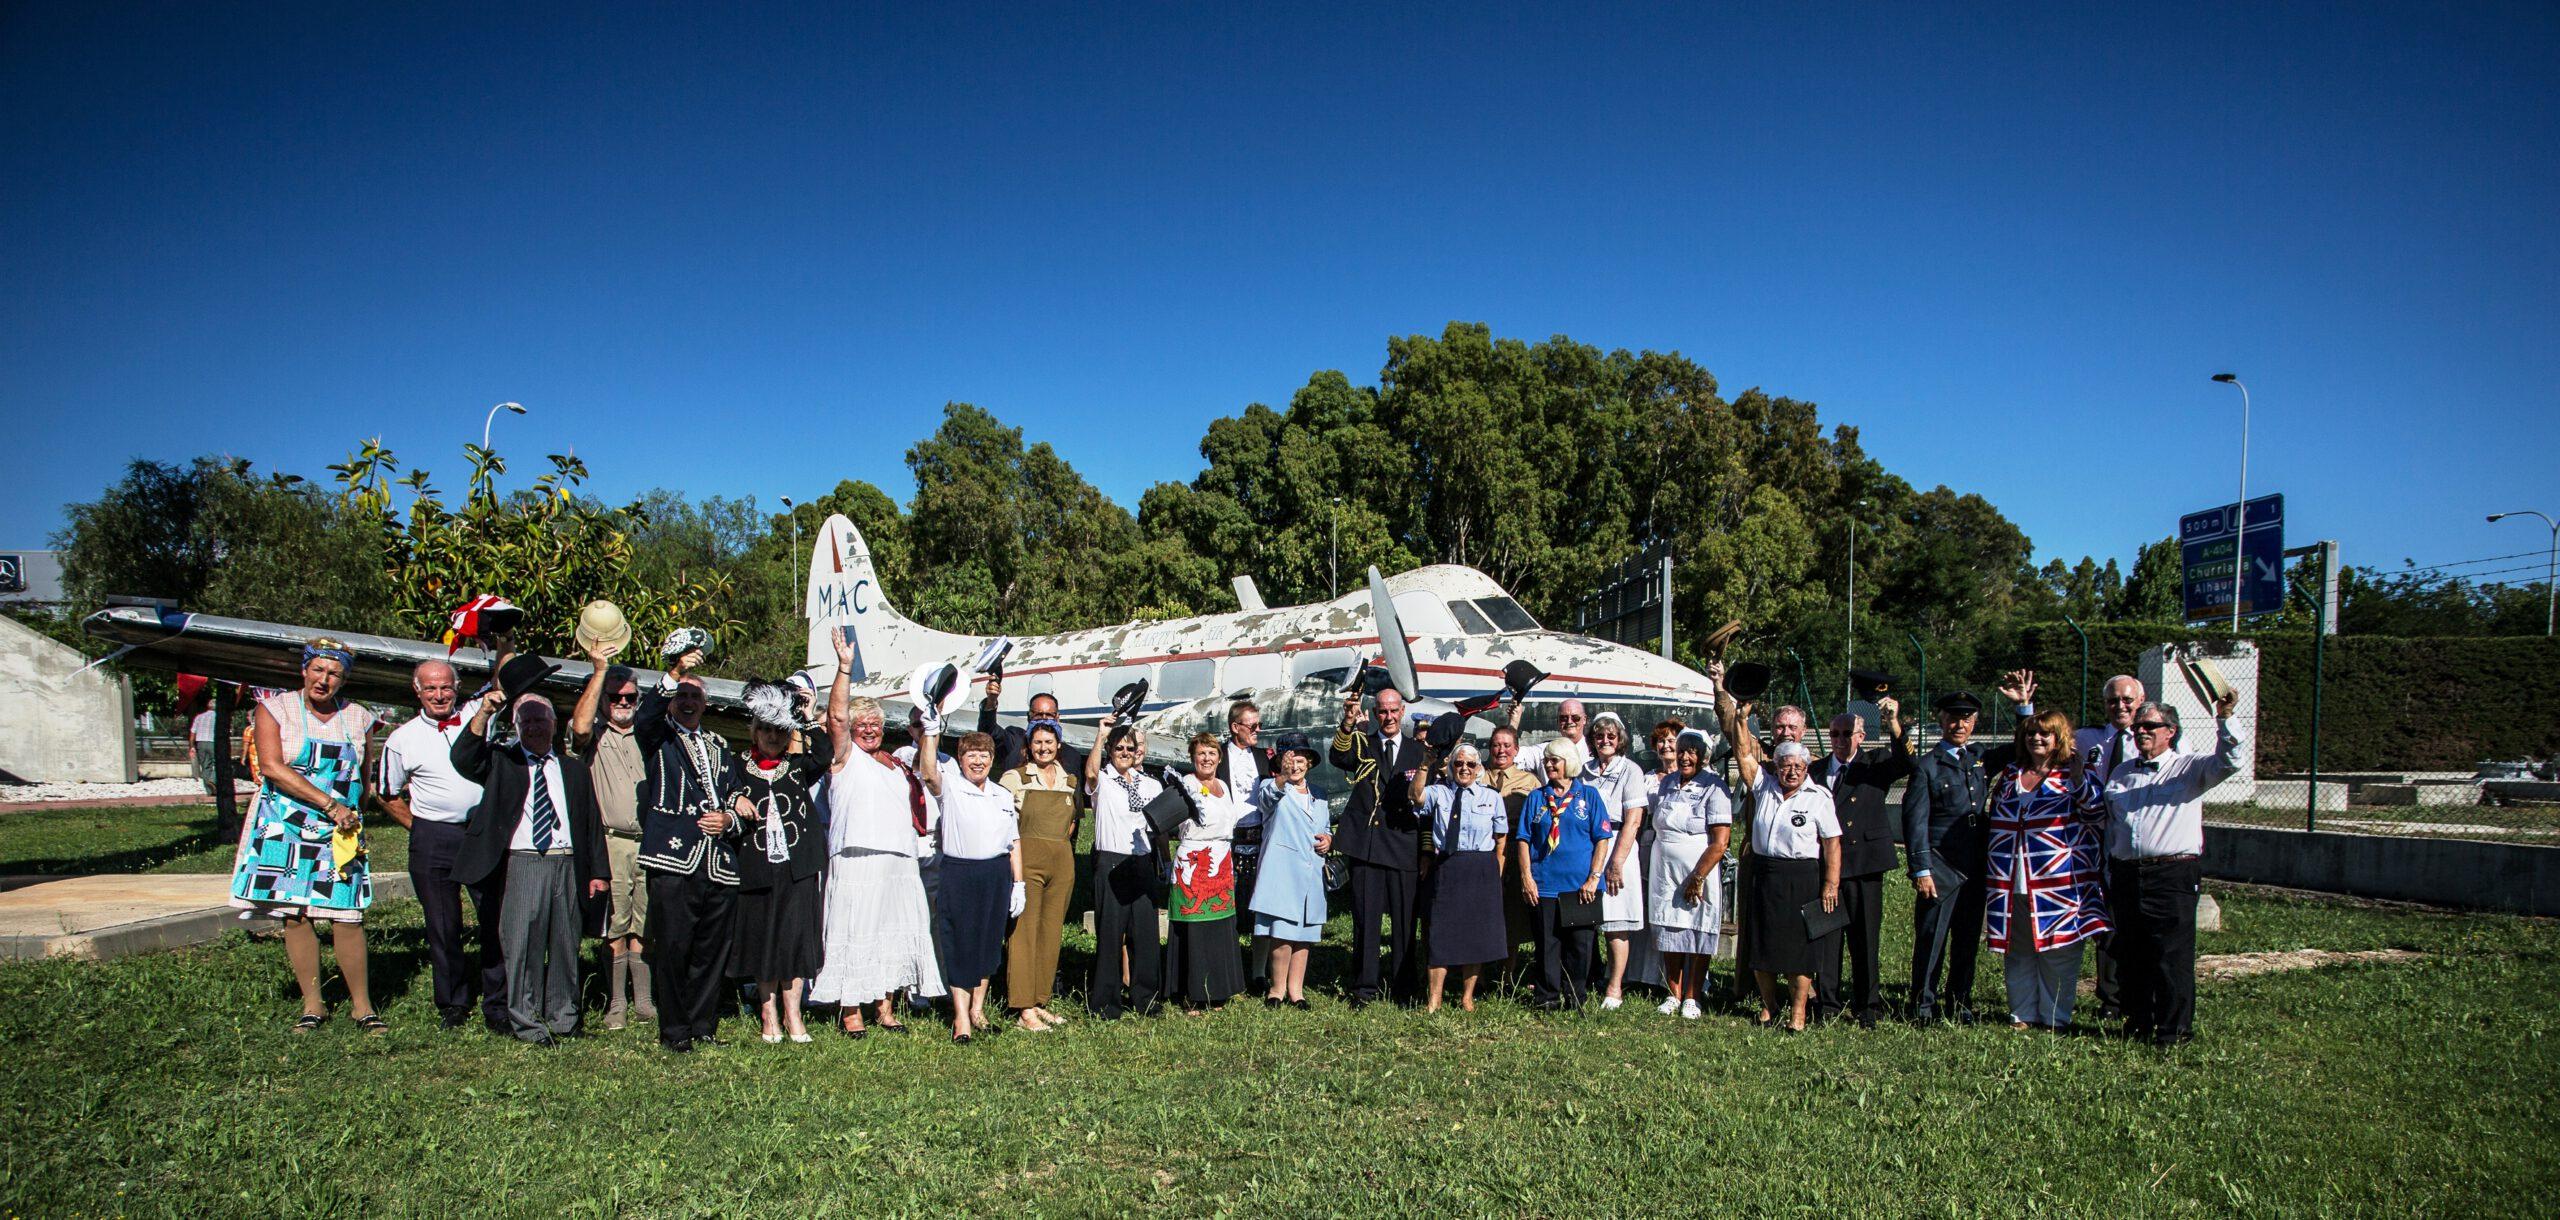 Apoyo de colonia británica al De Havilland Dove